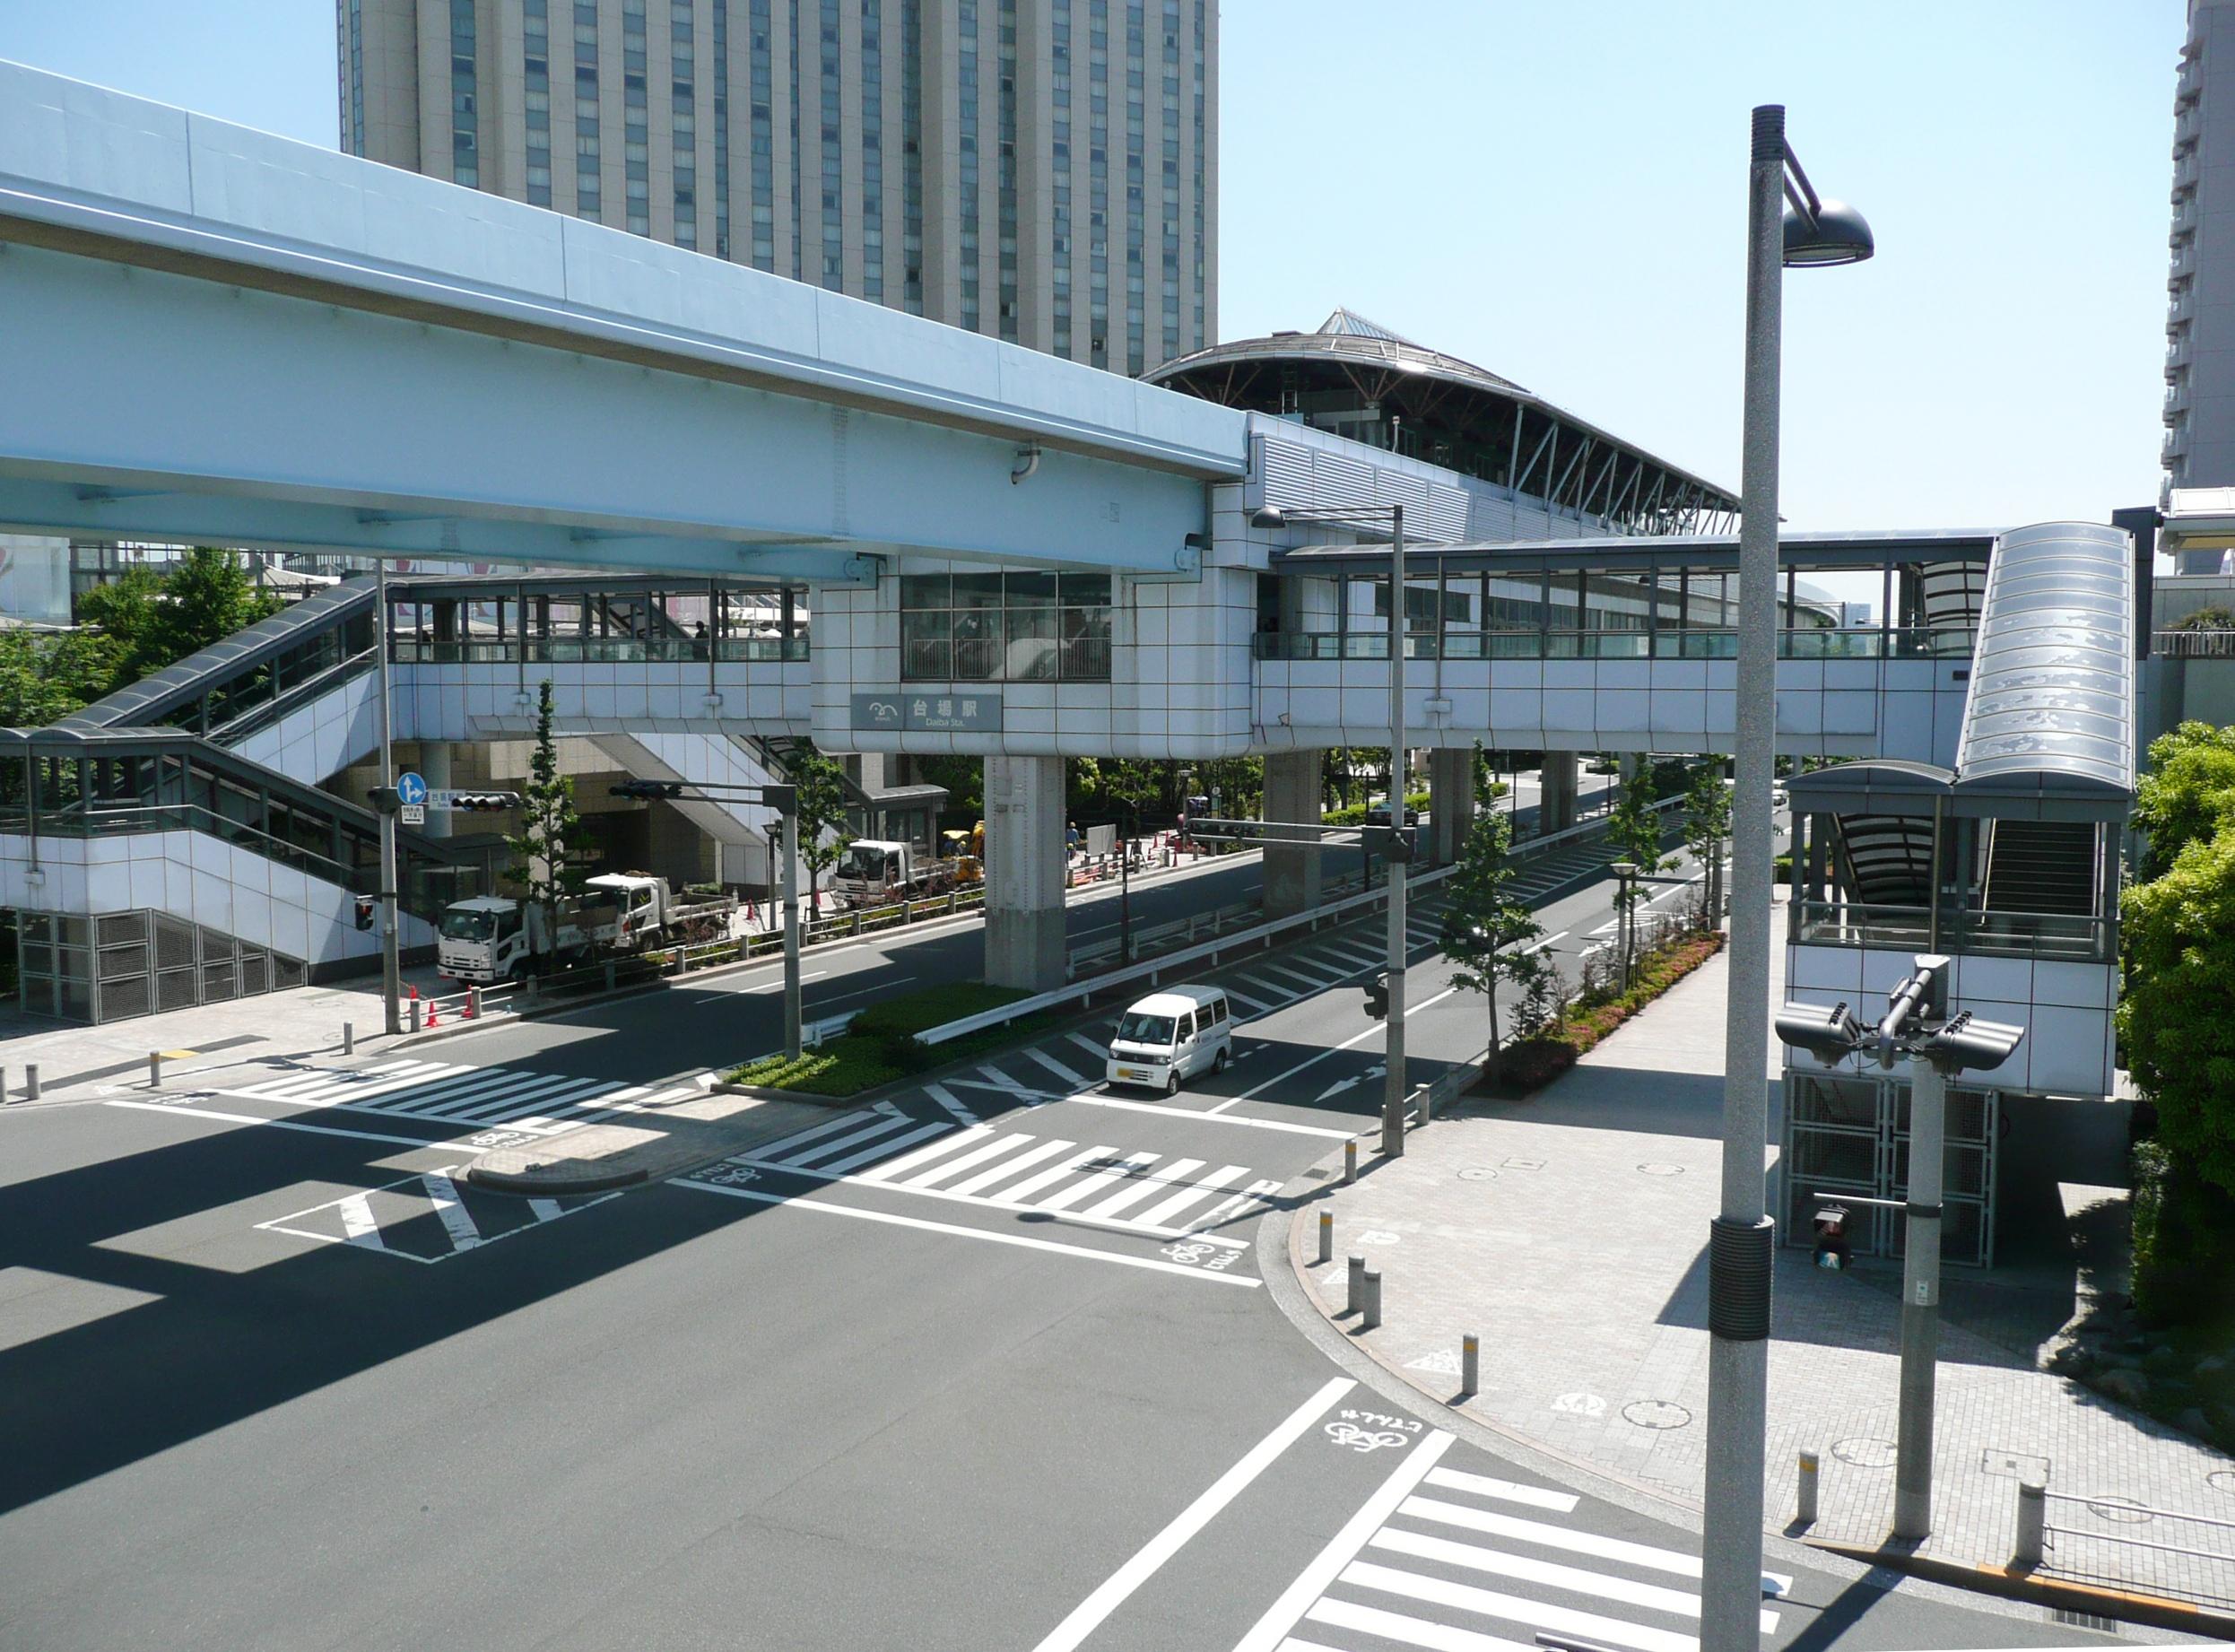 다이바 역 (도쿄도)